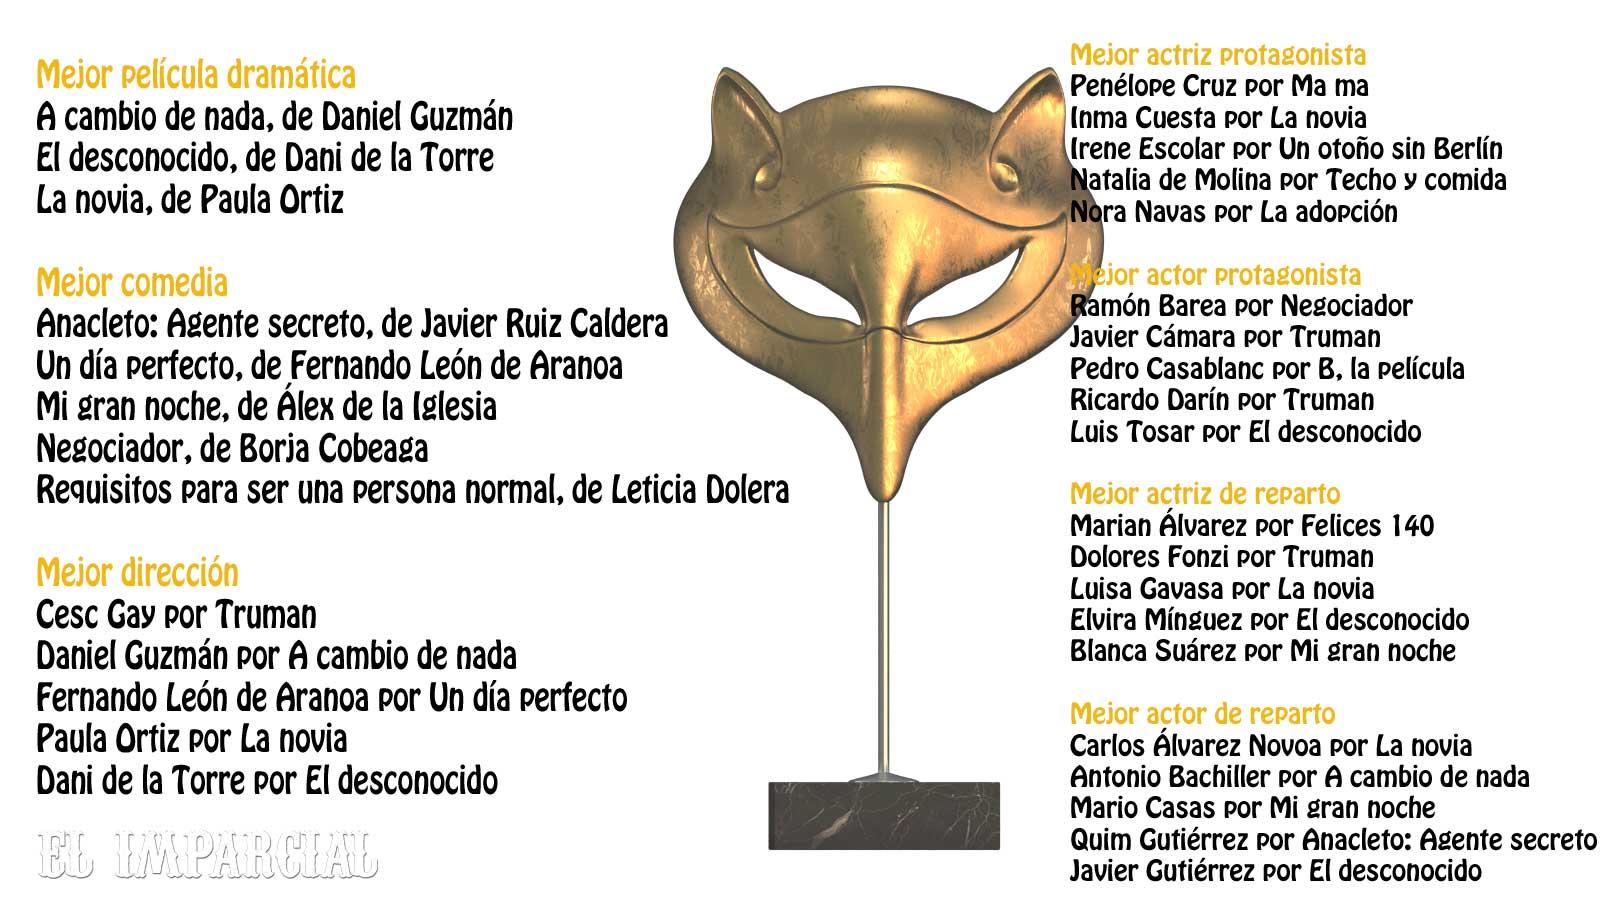 Los periodistas ya tienen sus favoritos para los Premios Feroz